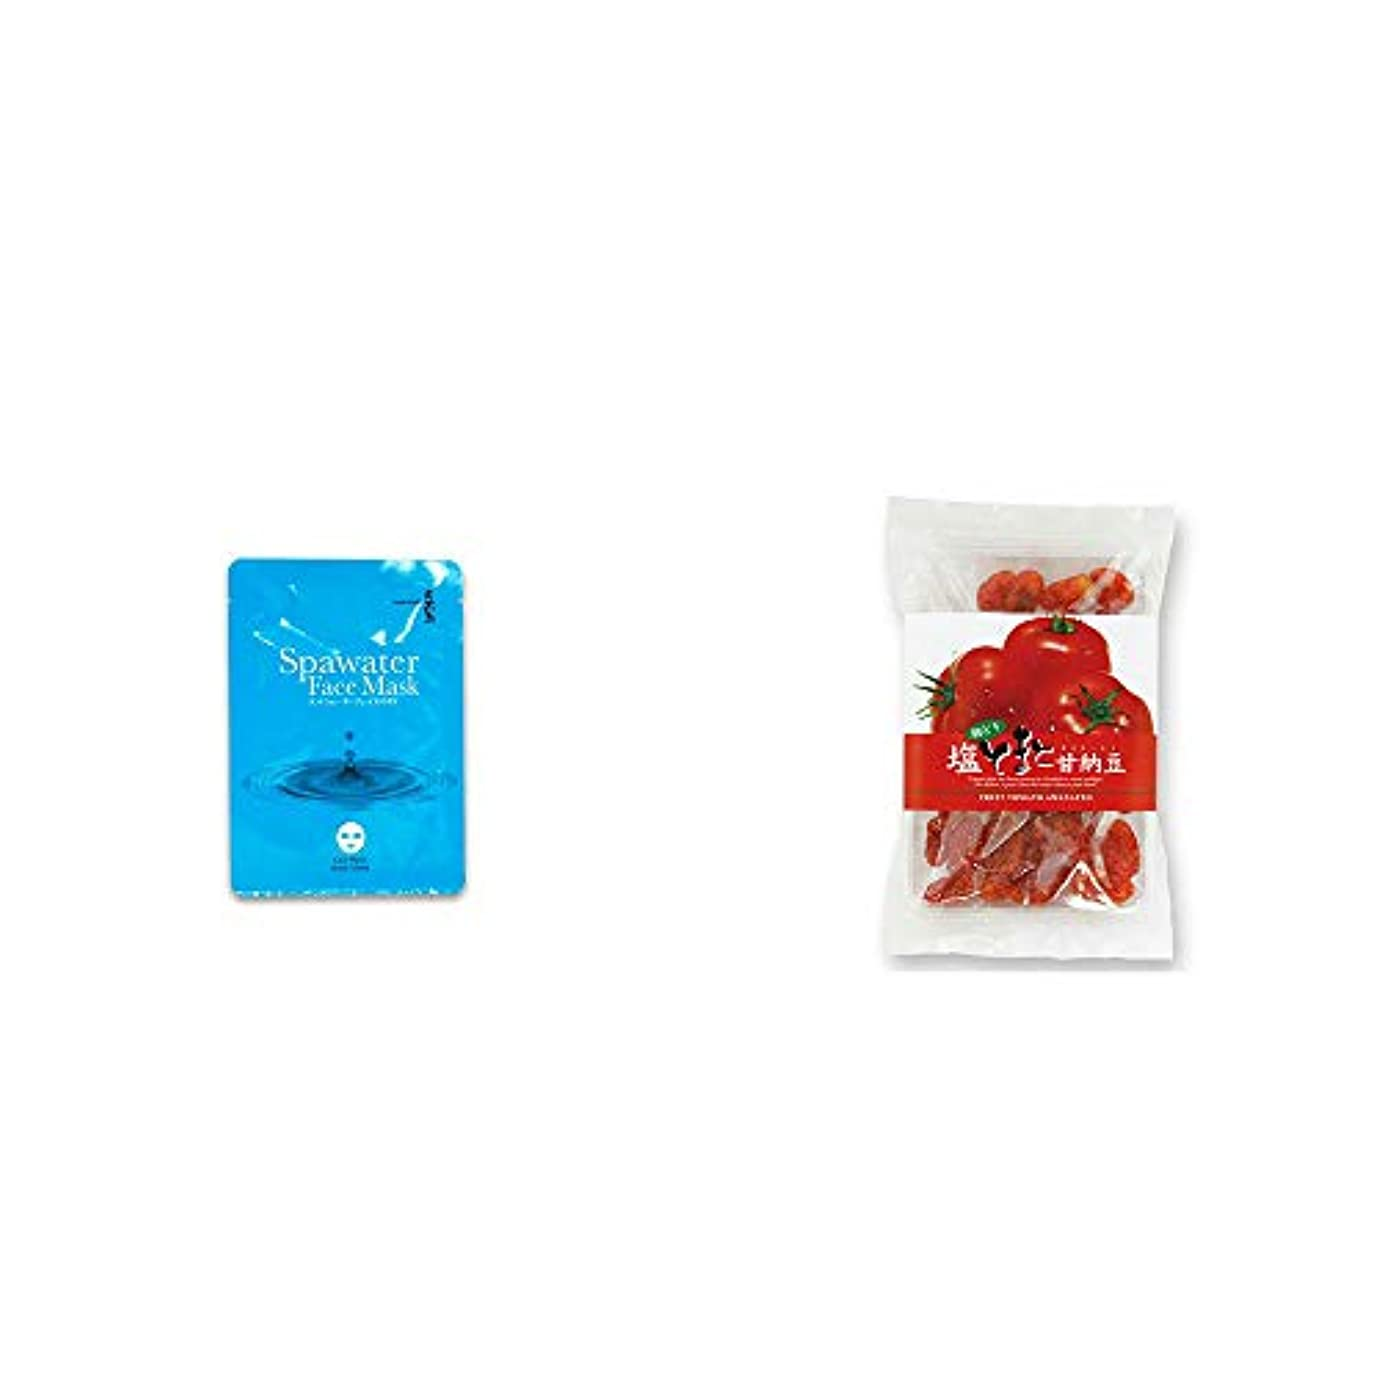 なしで食事を調理するオアシス[2点セット] ひのき炭黒泉 スパウォーターフェイスマスク(18ml×3枚入)?朝どり 塩とまと甘納豆(150g)